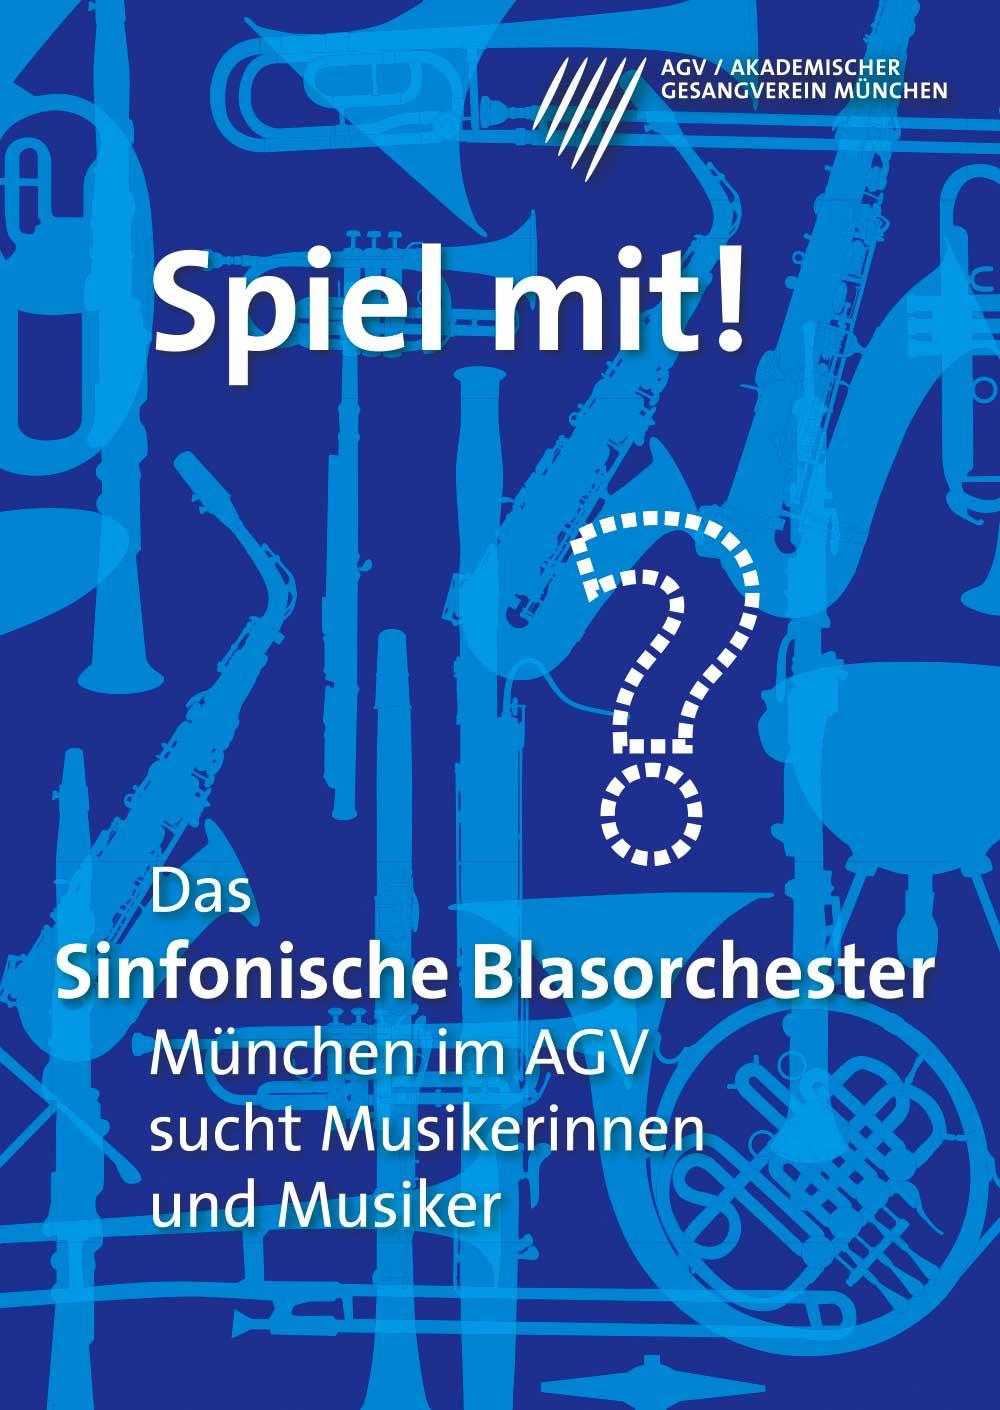 Plakatdesign für Akademischer Gesangsverein München Spiel mit Poster Design